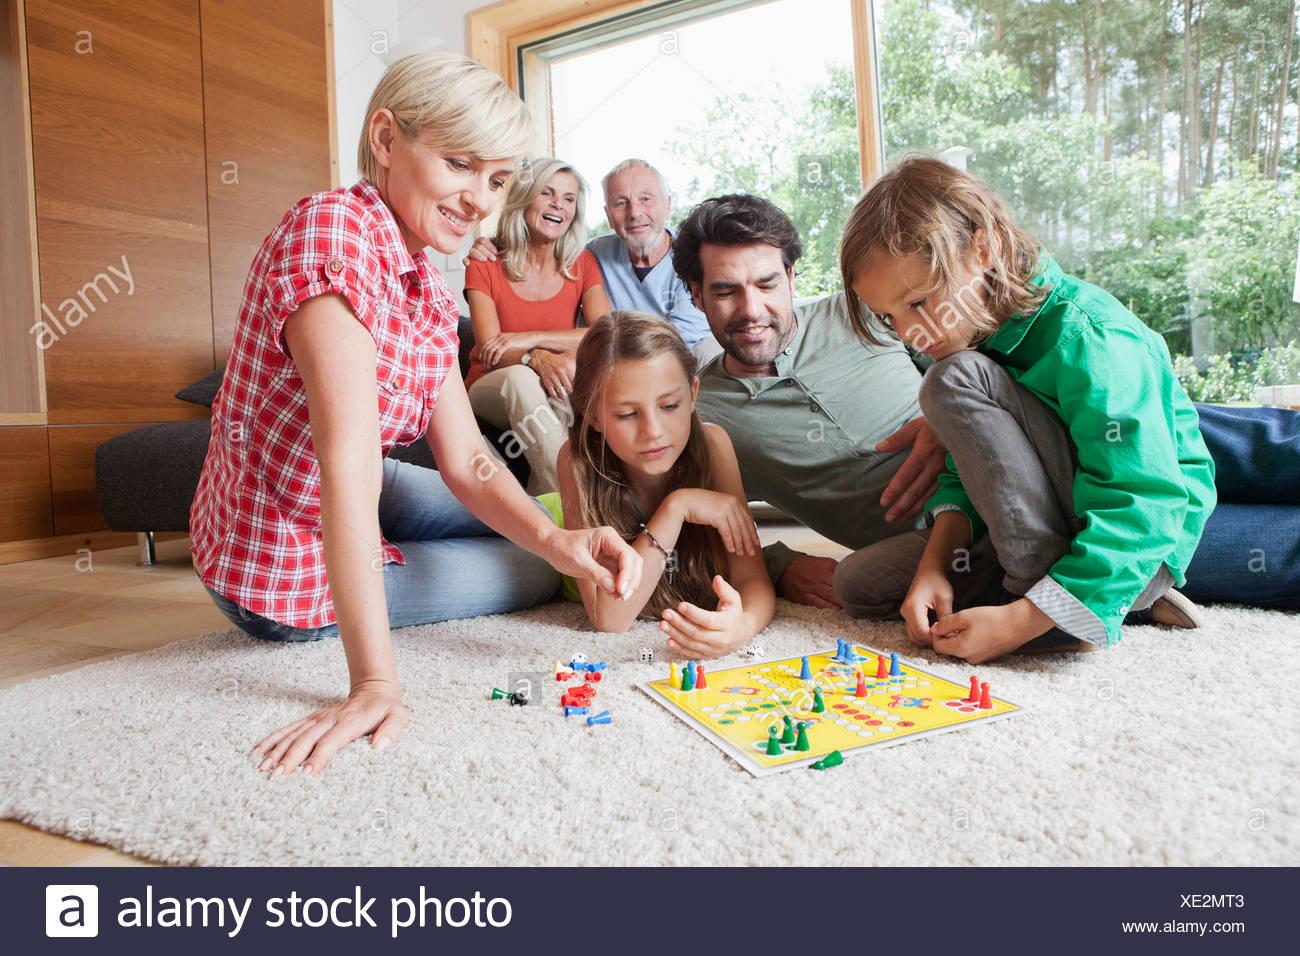 Alemania, Baviera, Nuremberg, Familia jugando juegos de tablero Imagen De Stock